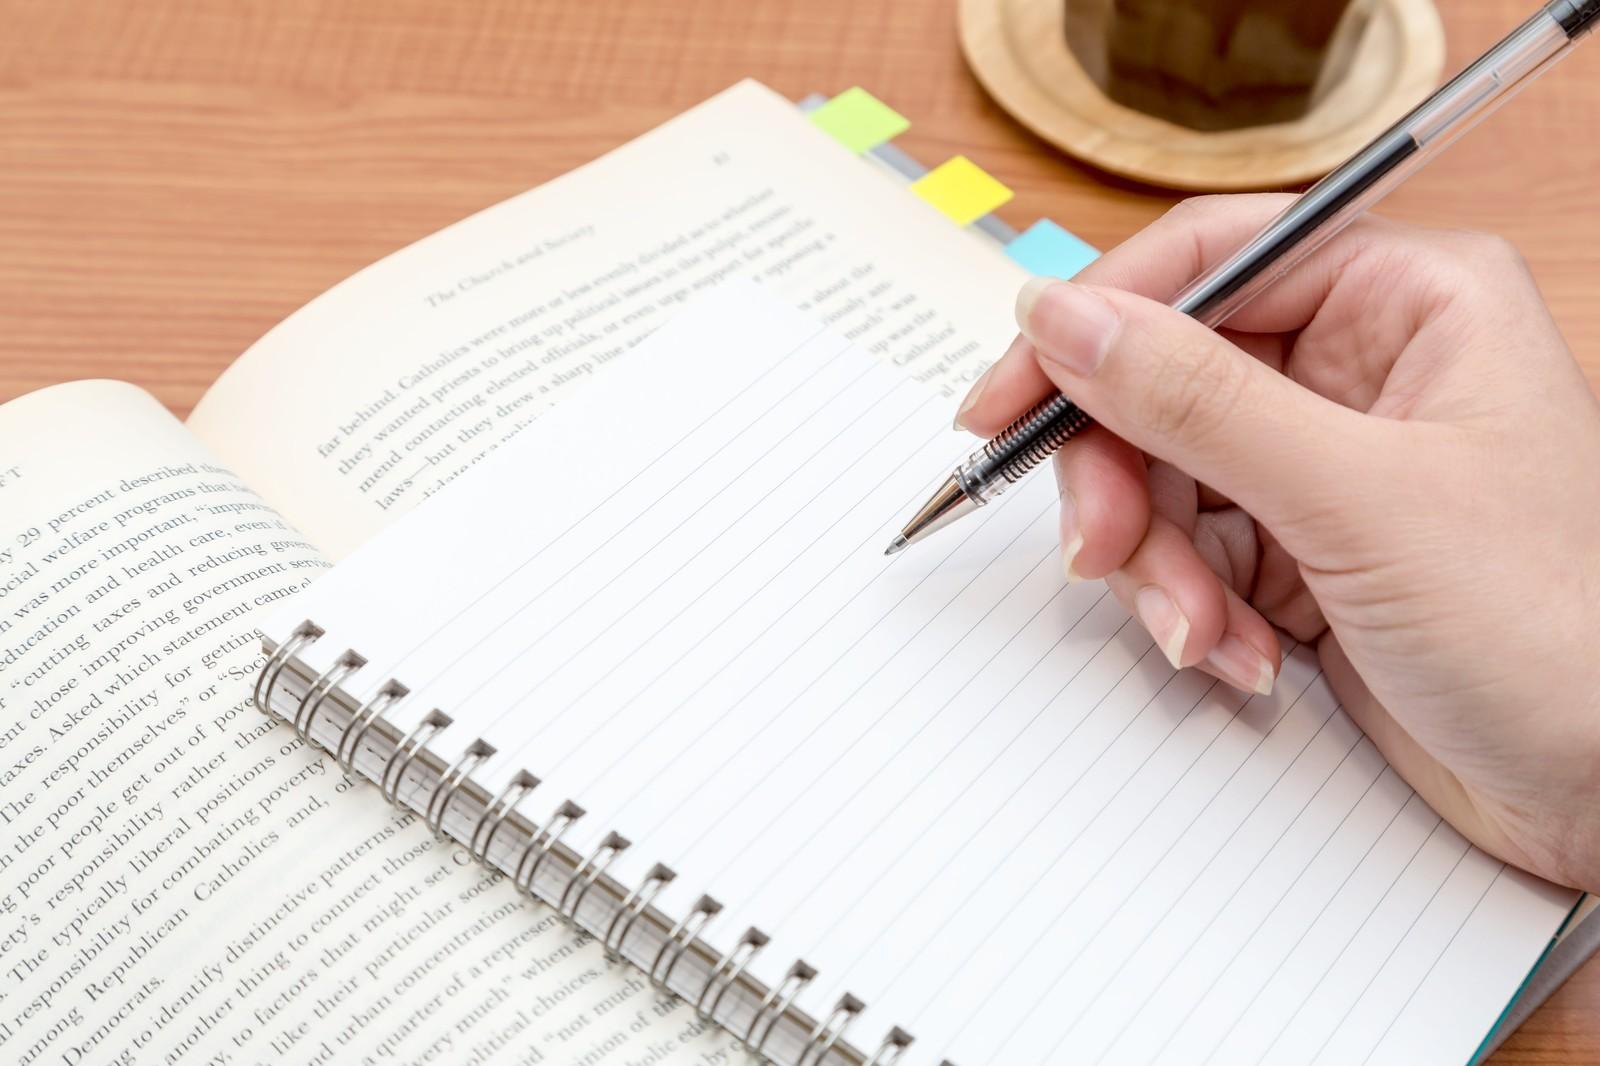 【文章力を鍛える】魅力的な見出し書きませんか?「問いかけ」の活用法